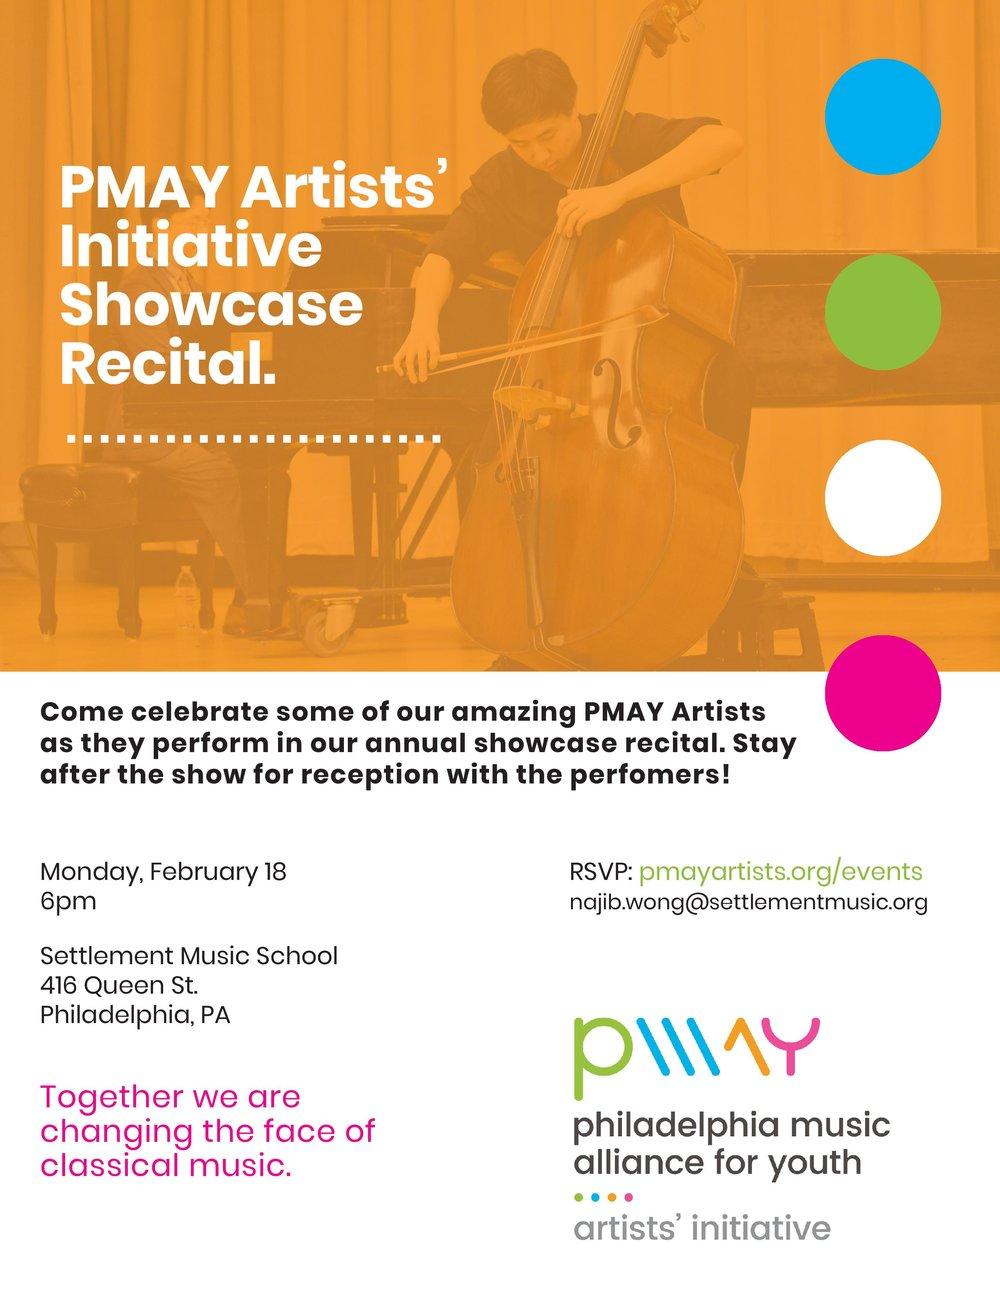 pmay showcase recital 2019.jpg